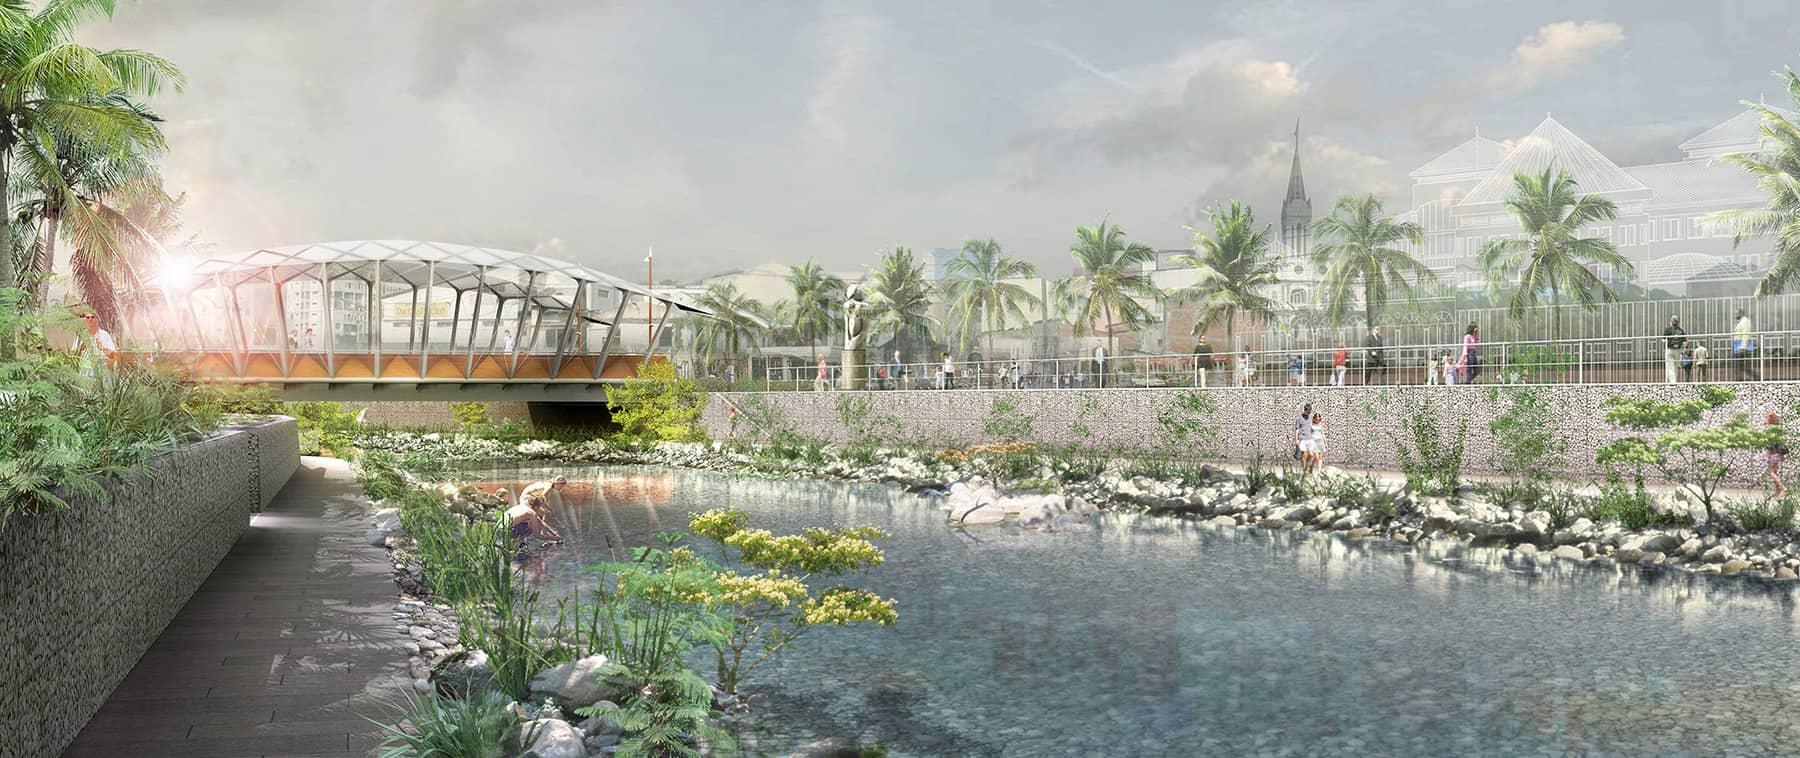 B+M Architecture - L'écologie des lieux avant le design de l'ouvrage